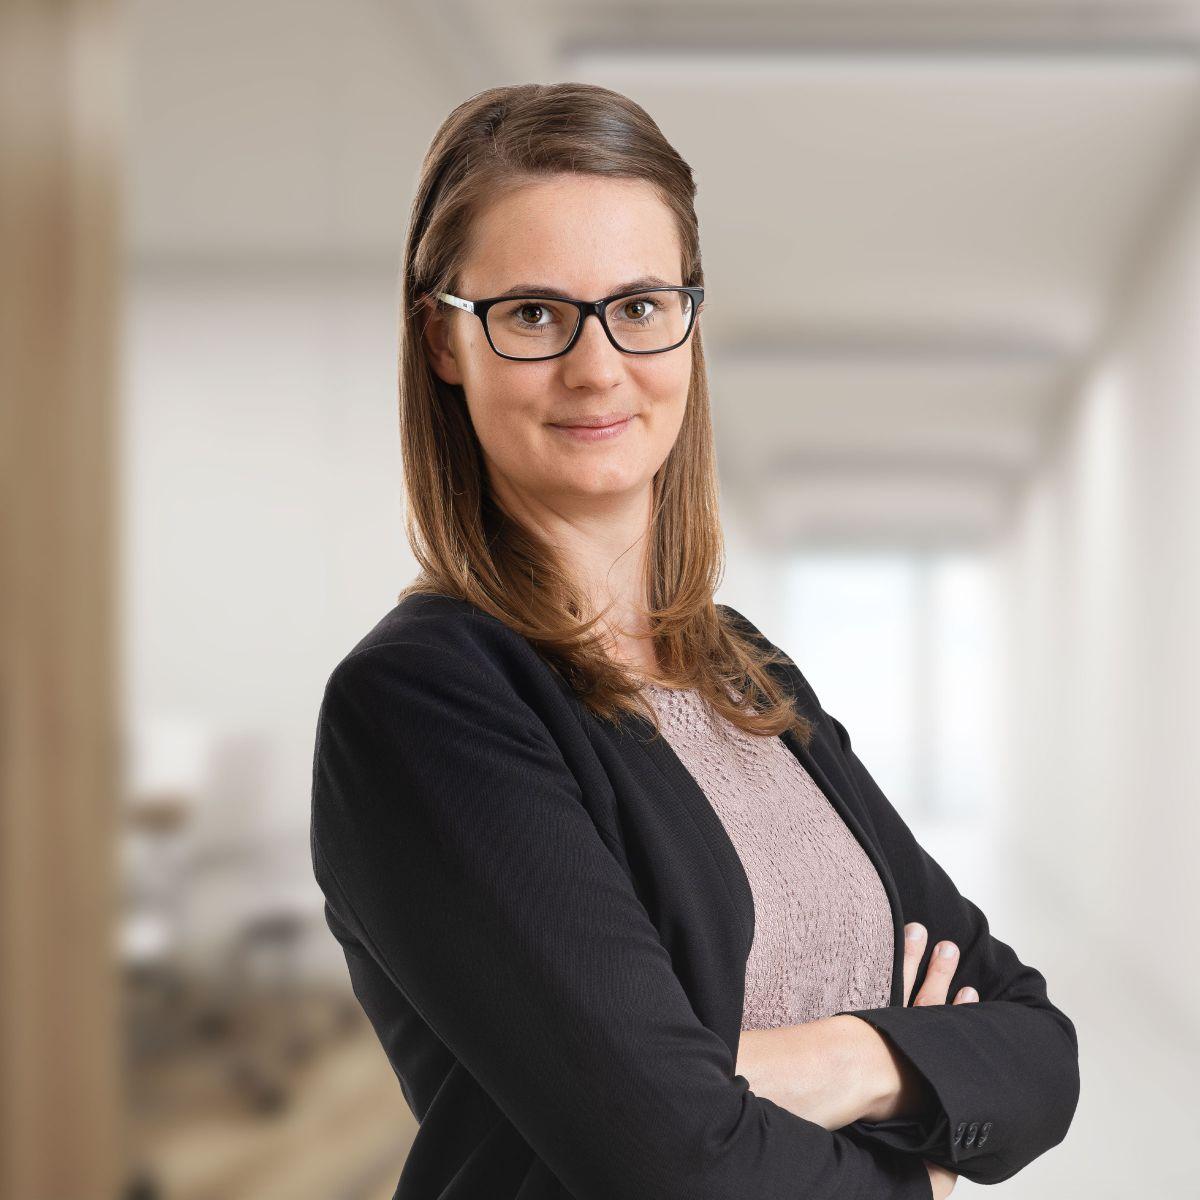 Marianne Liechti